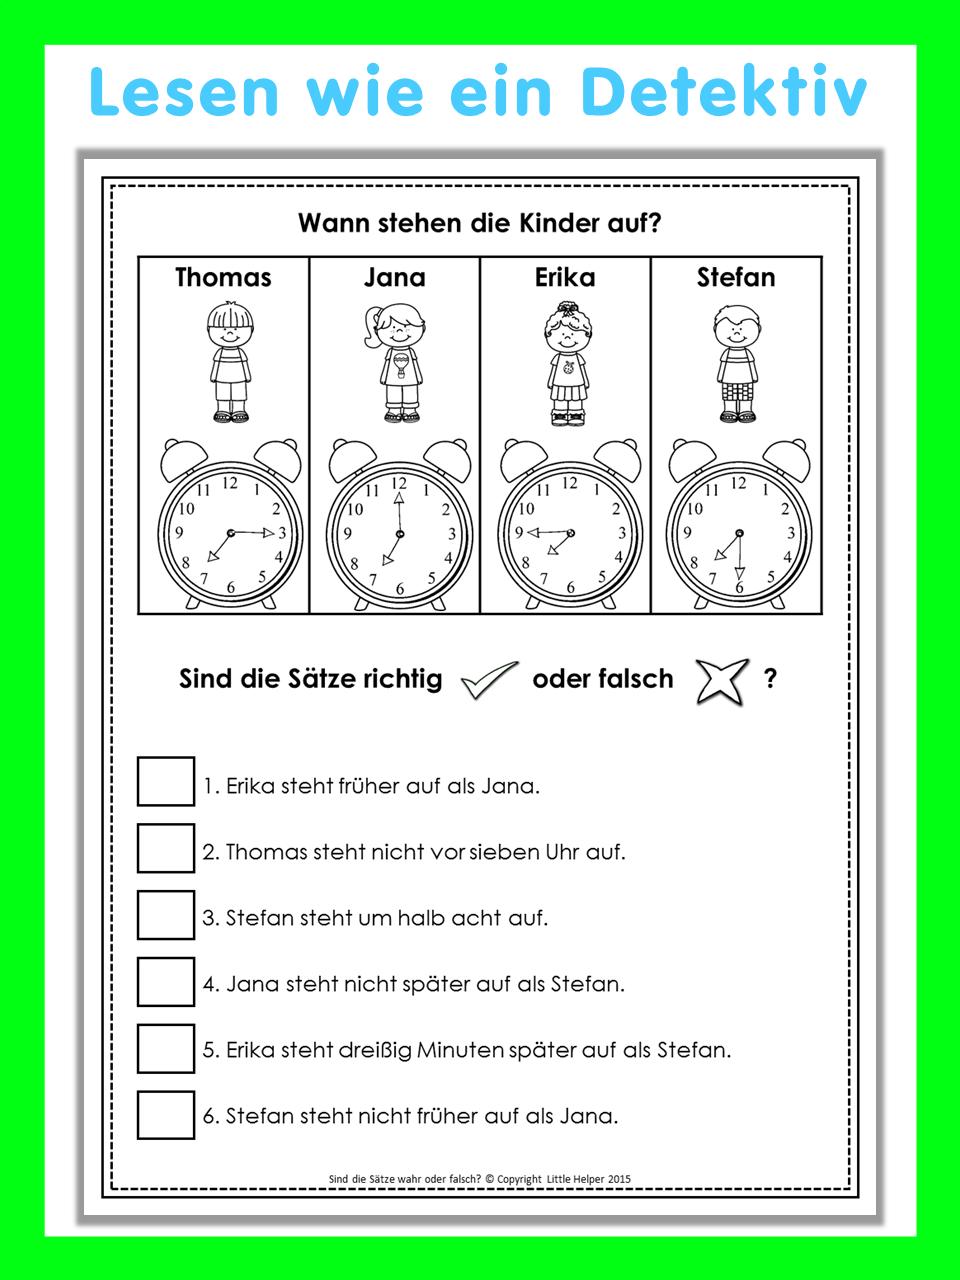 german reading challenge richtig oder falsch 24 leser tsel reading challenge sentences and. Black Bedroom Furniture Sets. Home Design Ideas